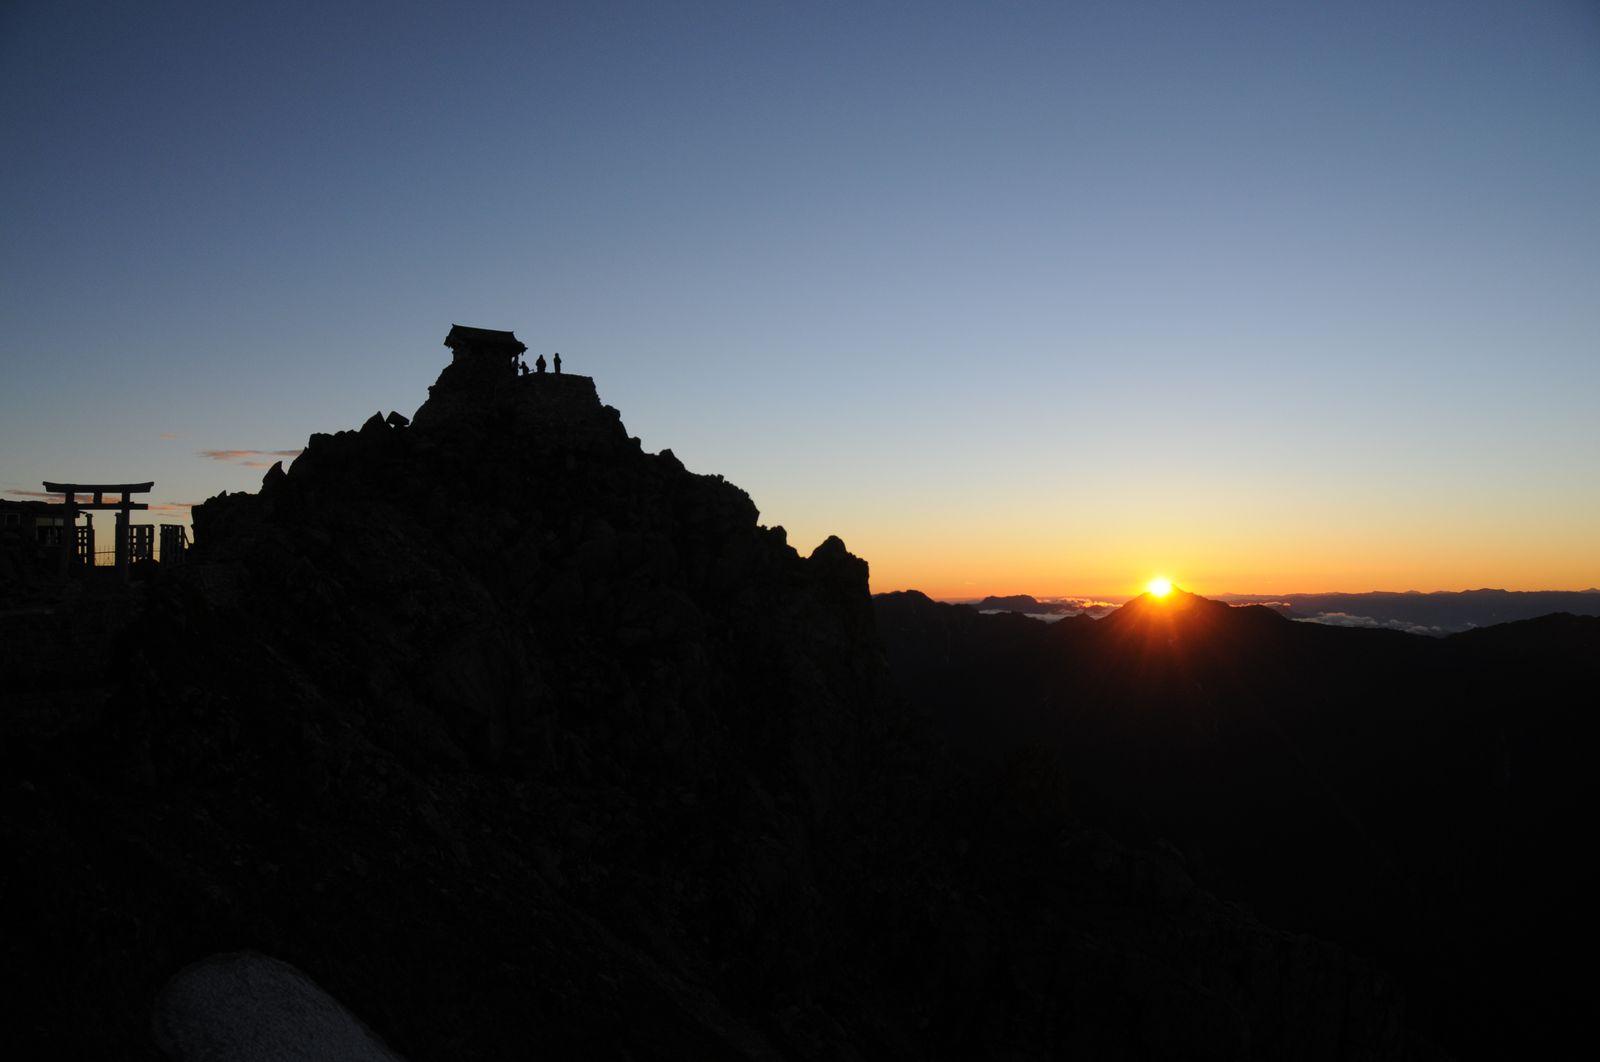 せっかく宿泊したなら、早起きしてご来光も拝みましょう。写真は室堂から2時間ほど登った3000メートル峰「雄山」からの日の出。雲海を染めながら昇る太陽が、神々しいまでの美しさです。